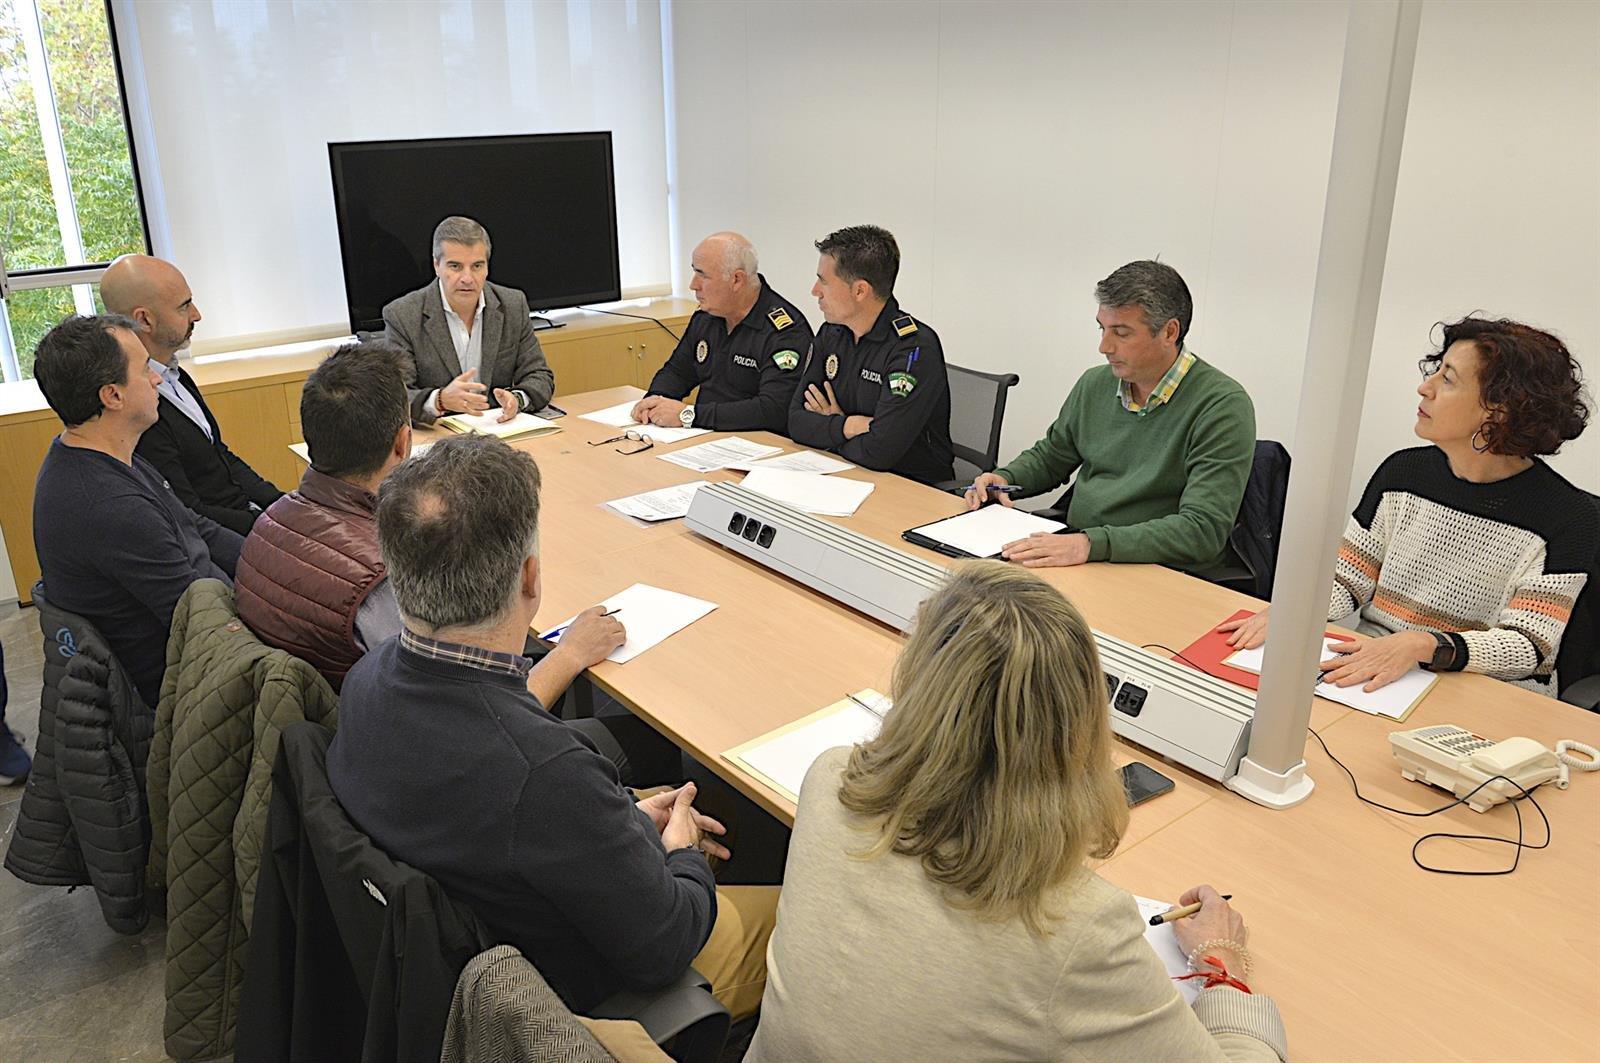 Una comisión define los criterios para otorgar licencia a promotores de eventos en el espacio público